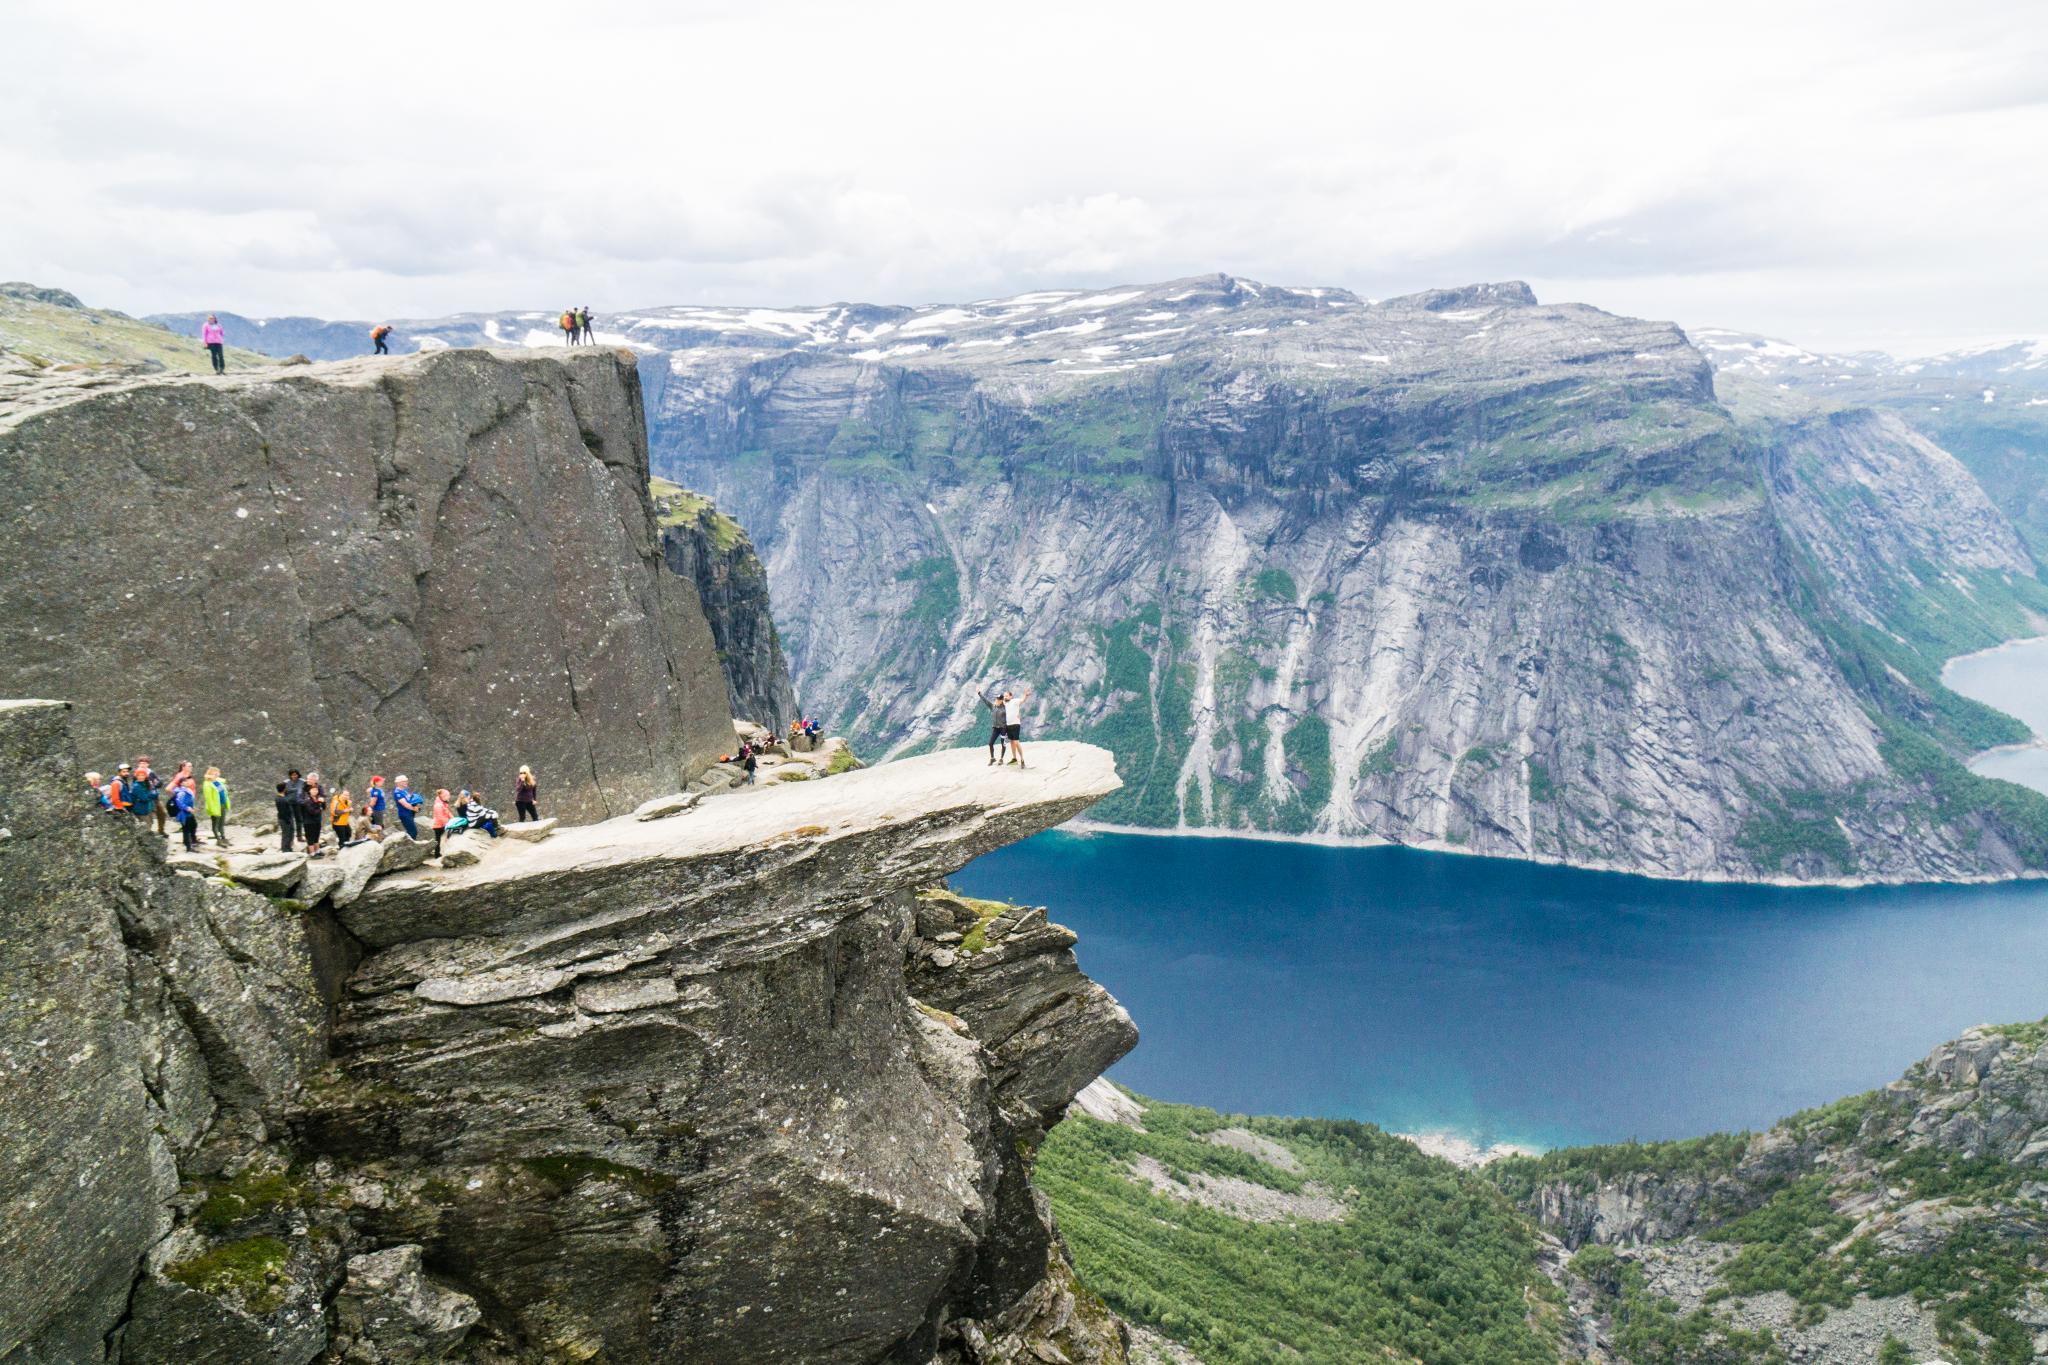 【北歐景點】挪威惡魔之舌 Trolltunga — 28公里健行挑戰全攻略 221